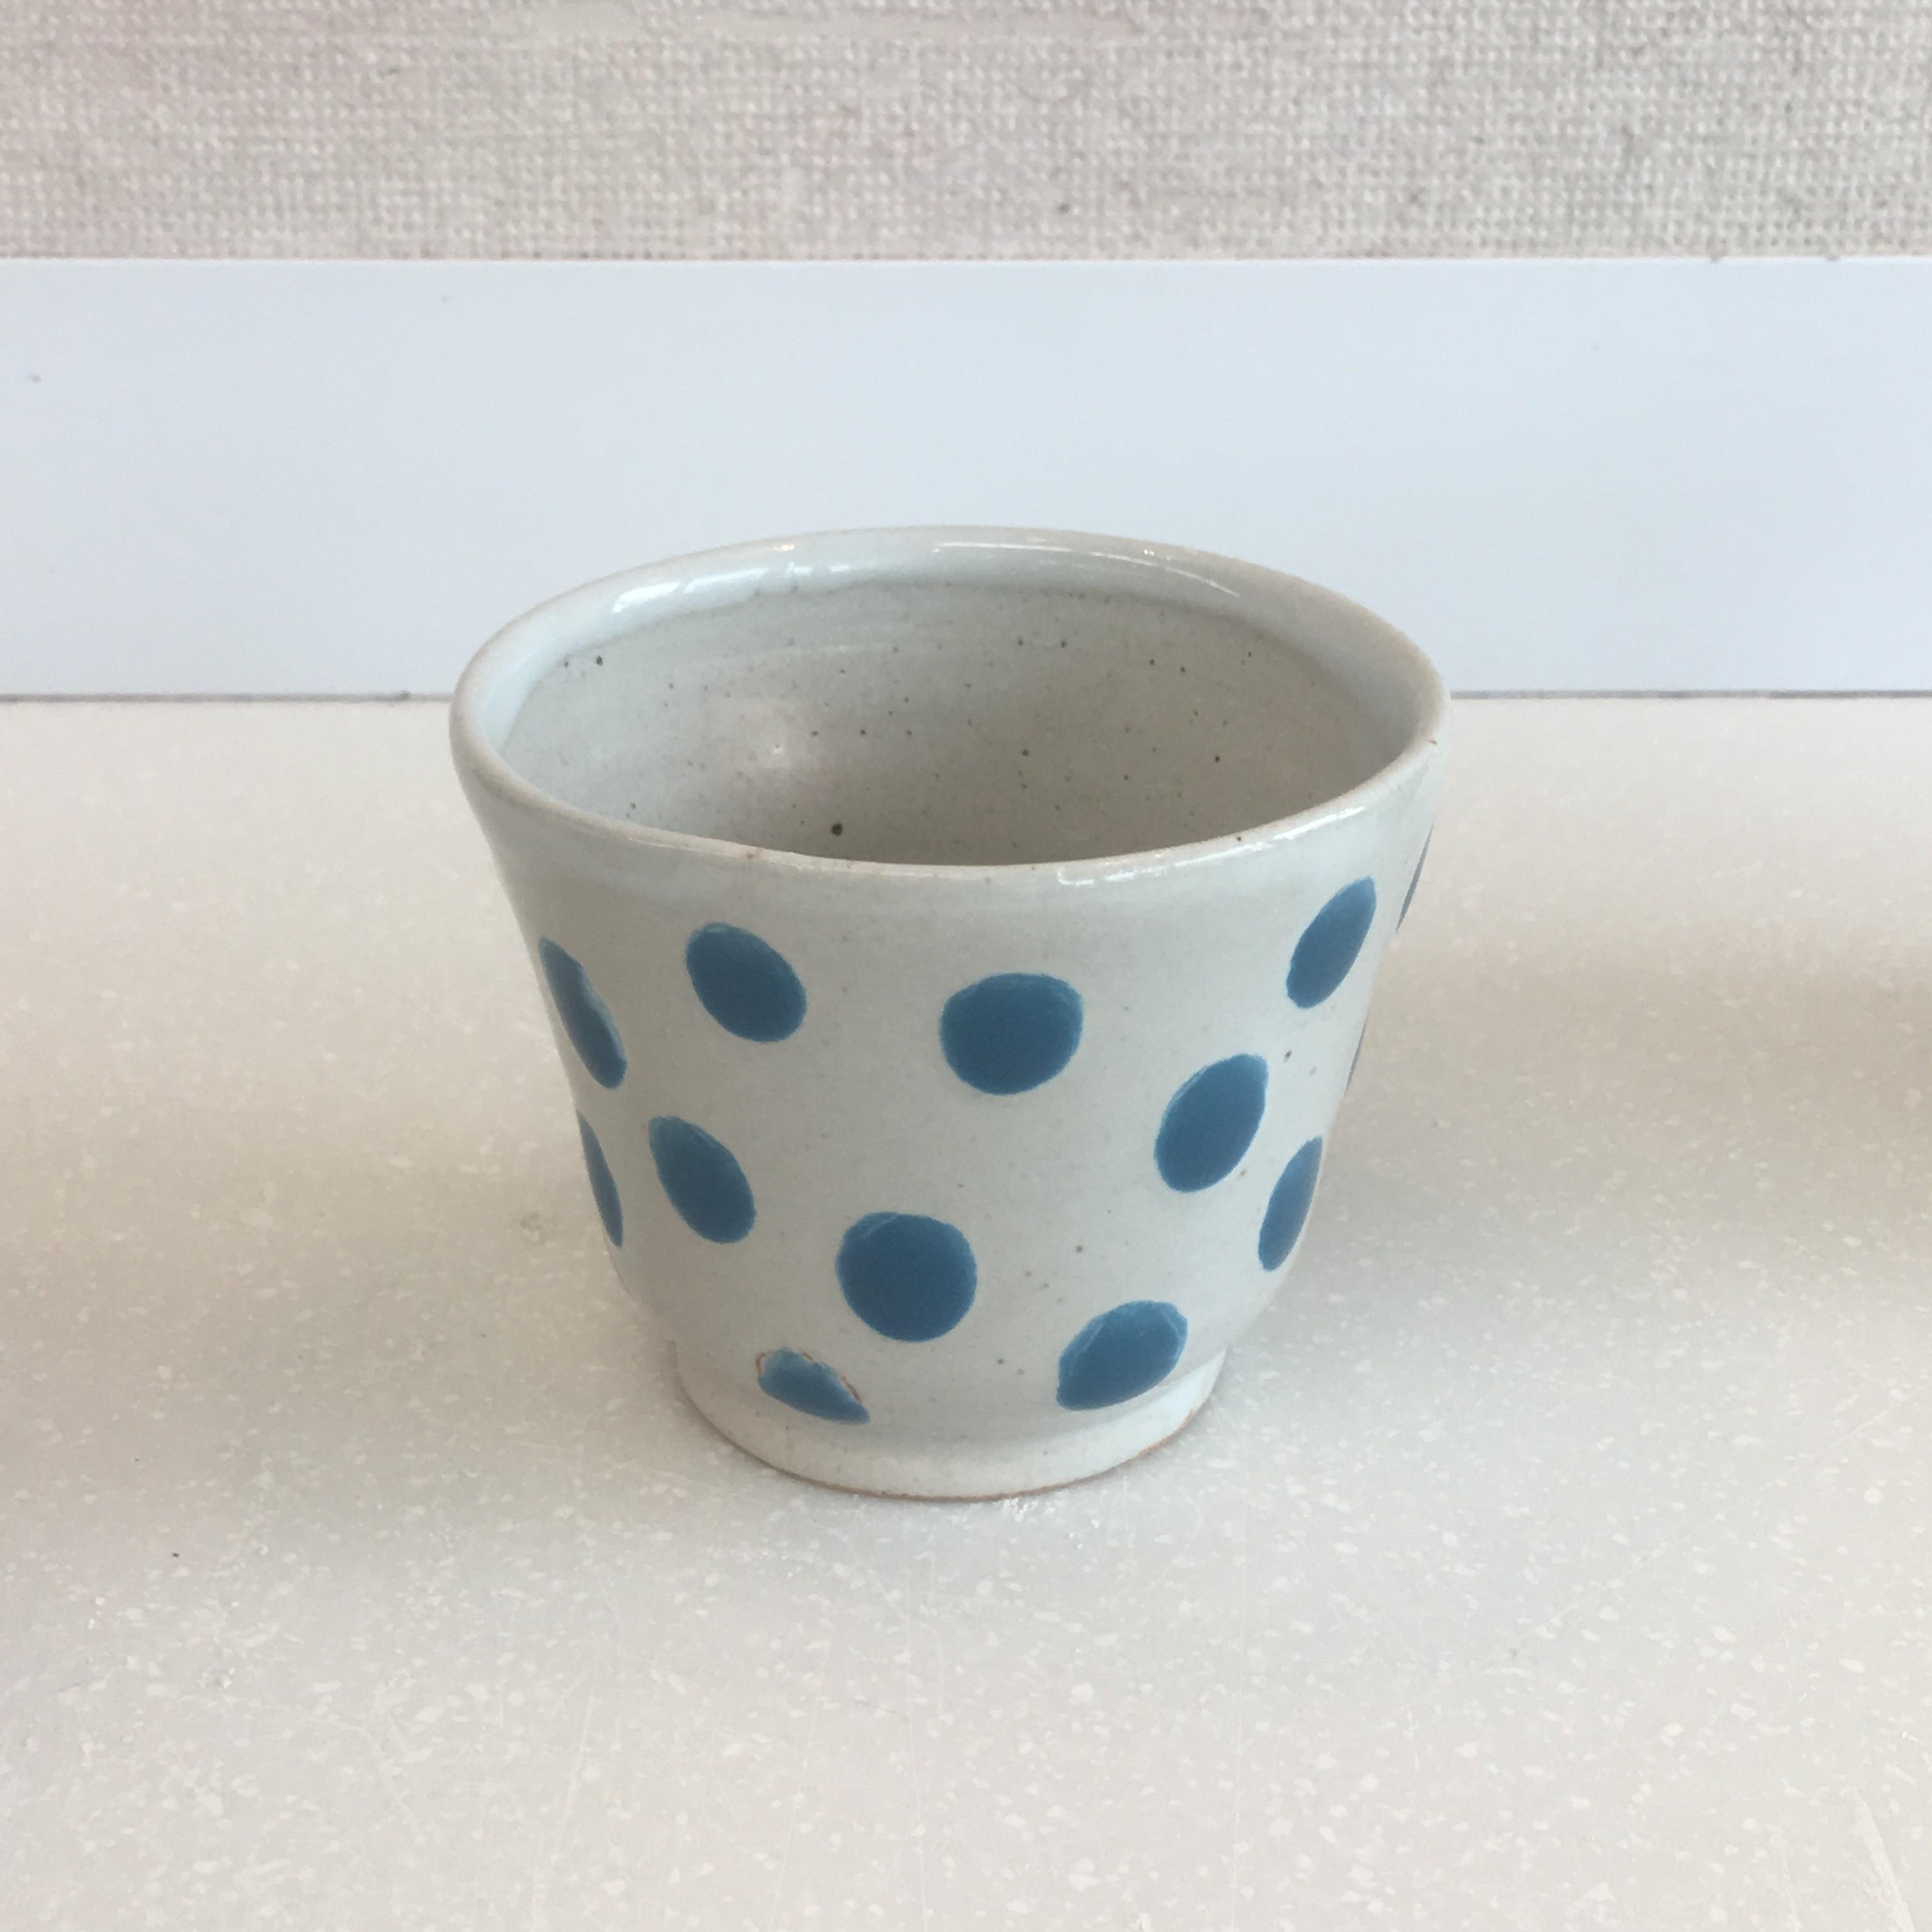 乳白釉にトルコ青の水玉